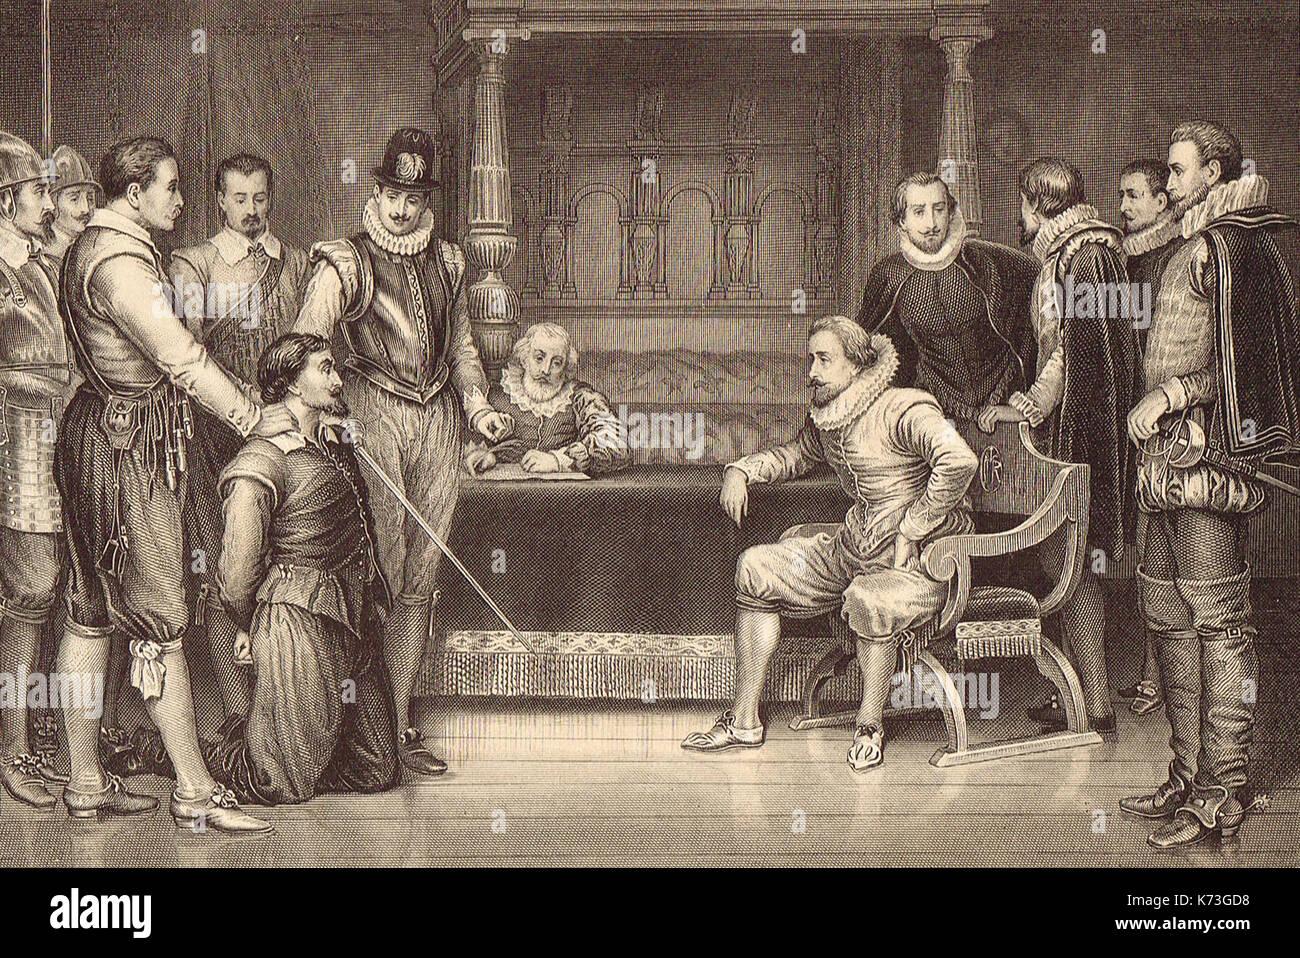 The Gunpowder Plot, Guy Fawkes kneeling before King James I, 1605